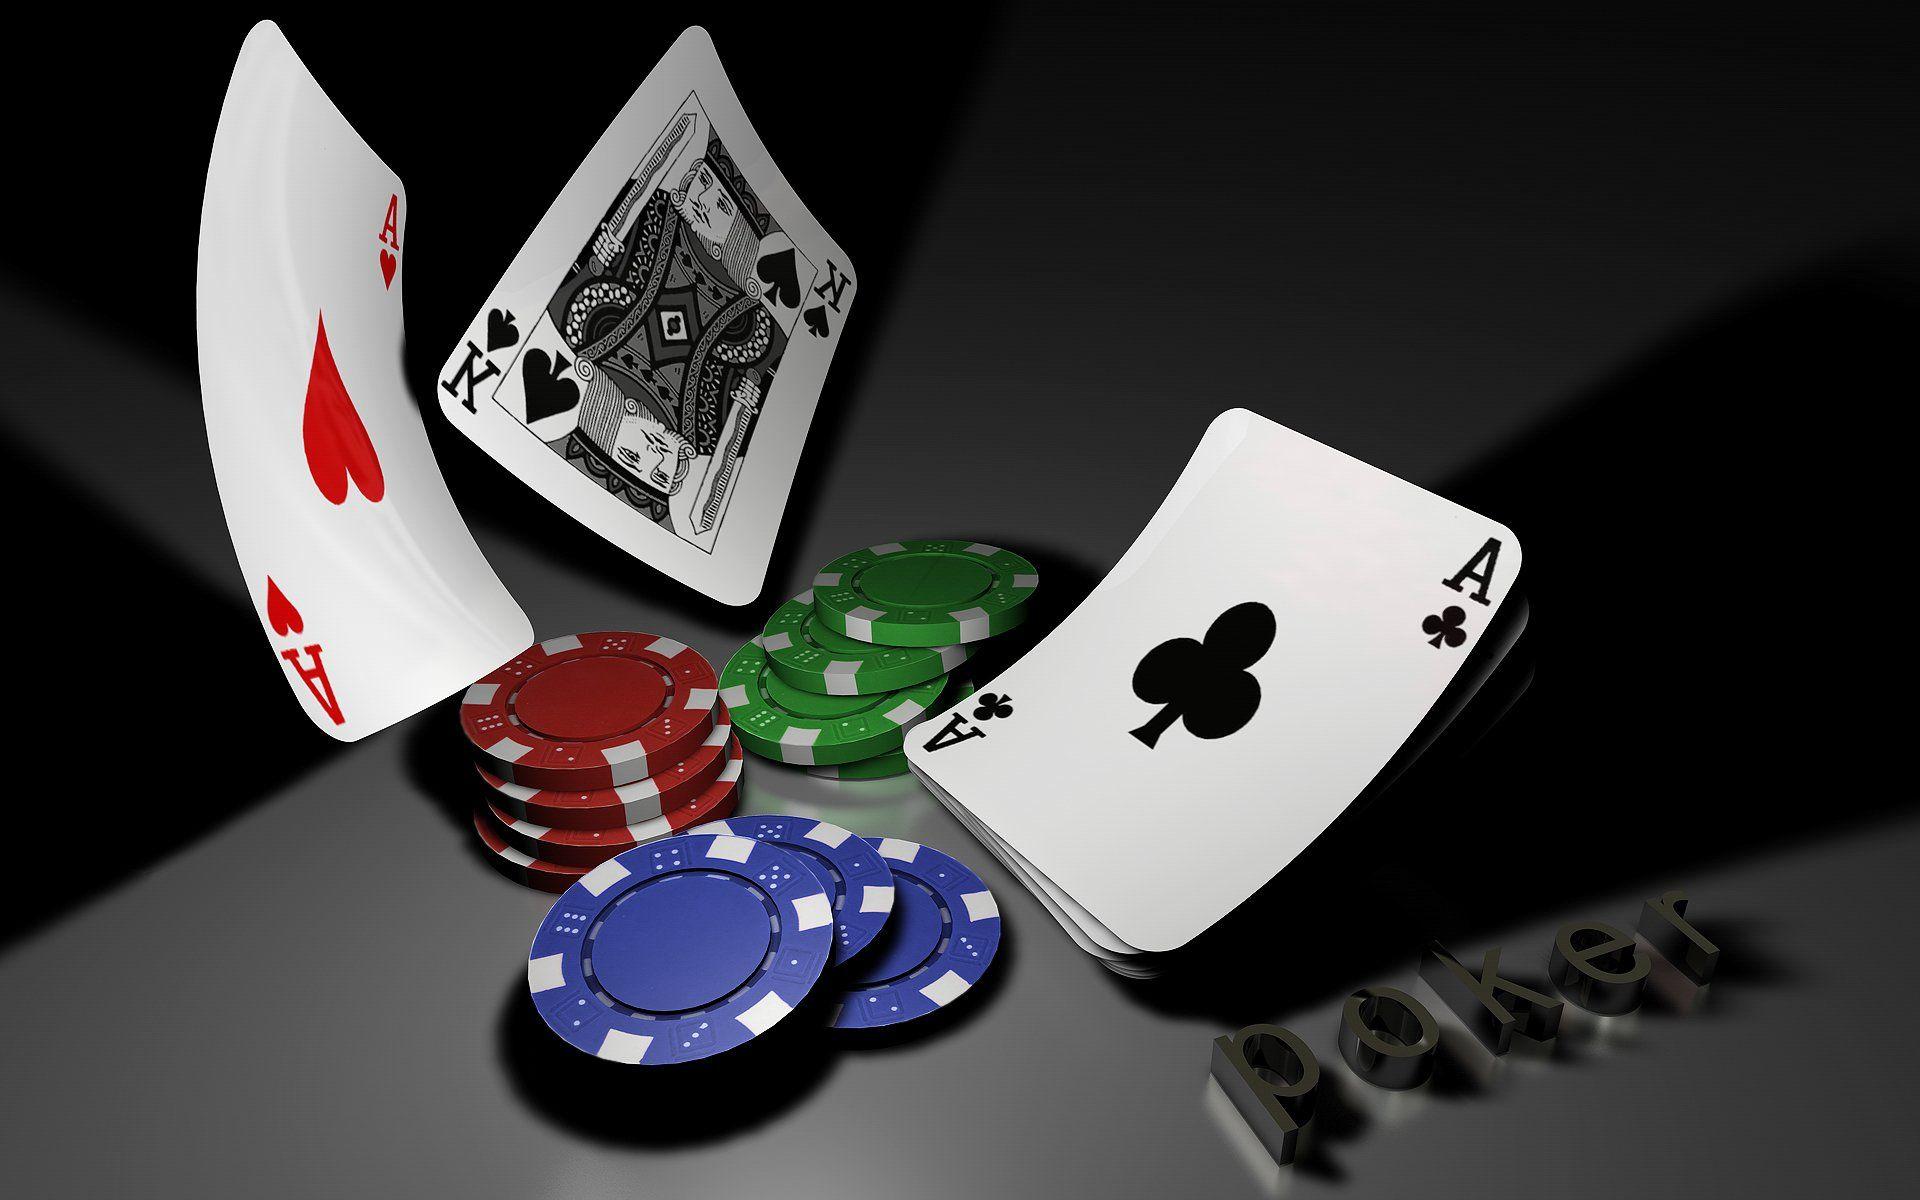 Онлайн казино Вулкан для вашего удовольствия клаб-вулкан.net